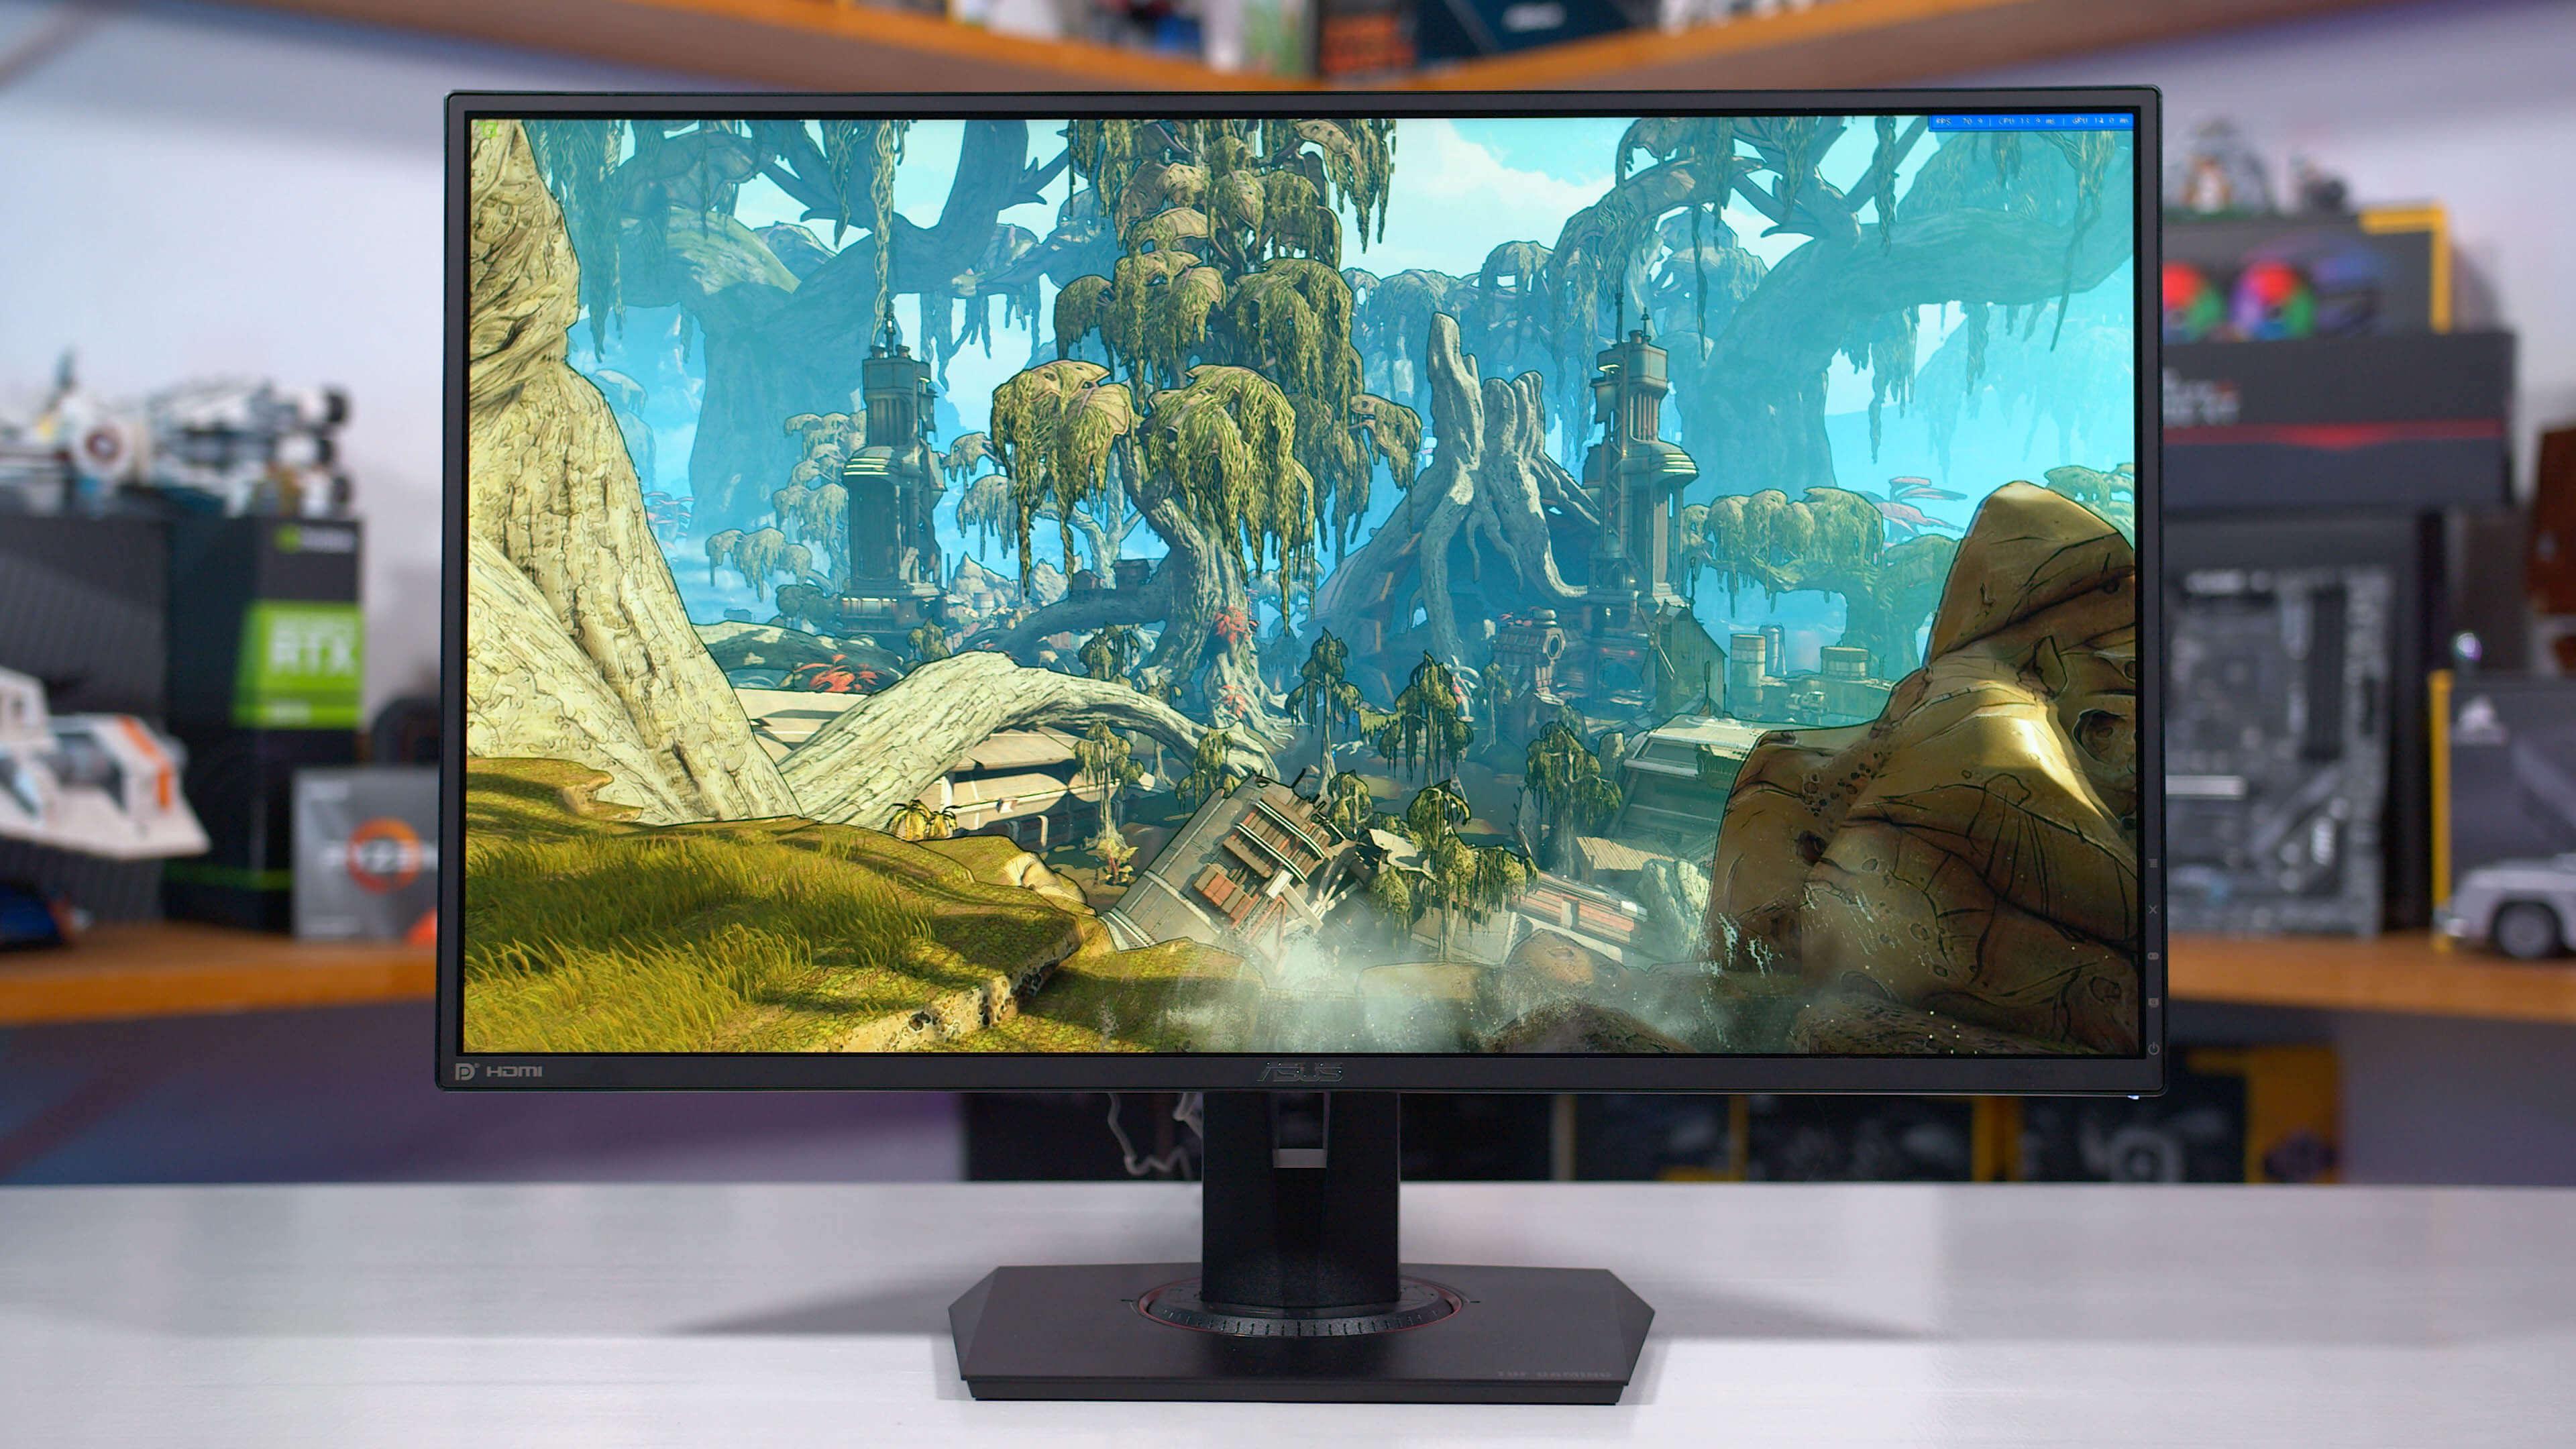 Asus Tuf Vg27aq 27 Gaming Monitor Review